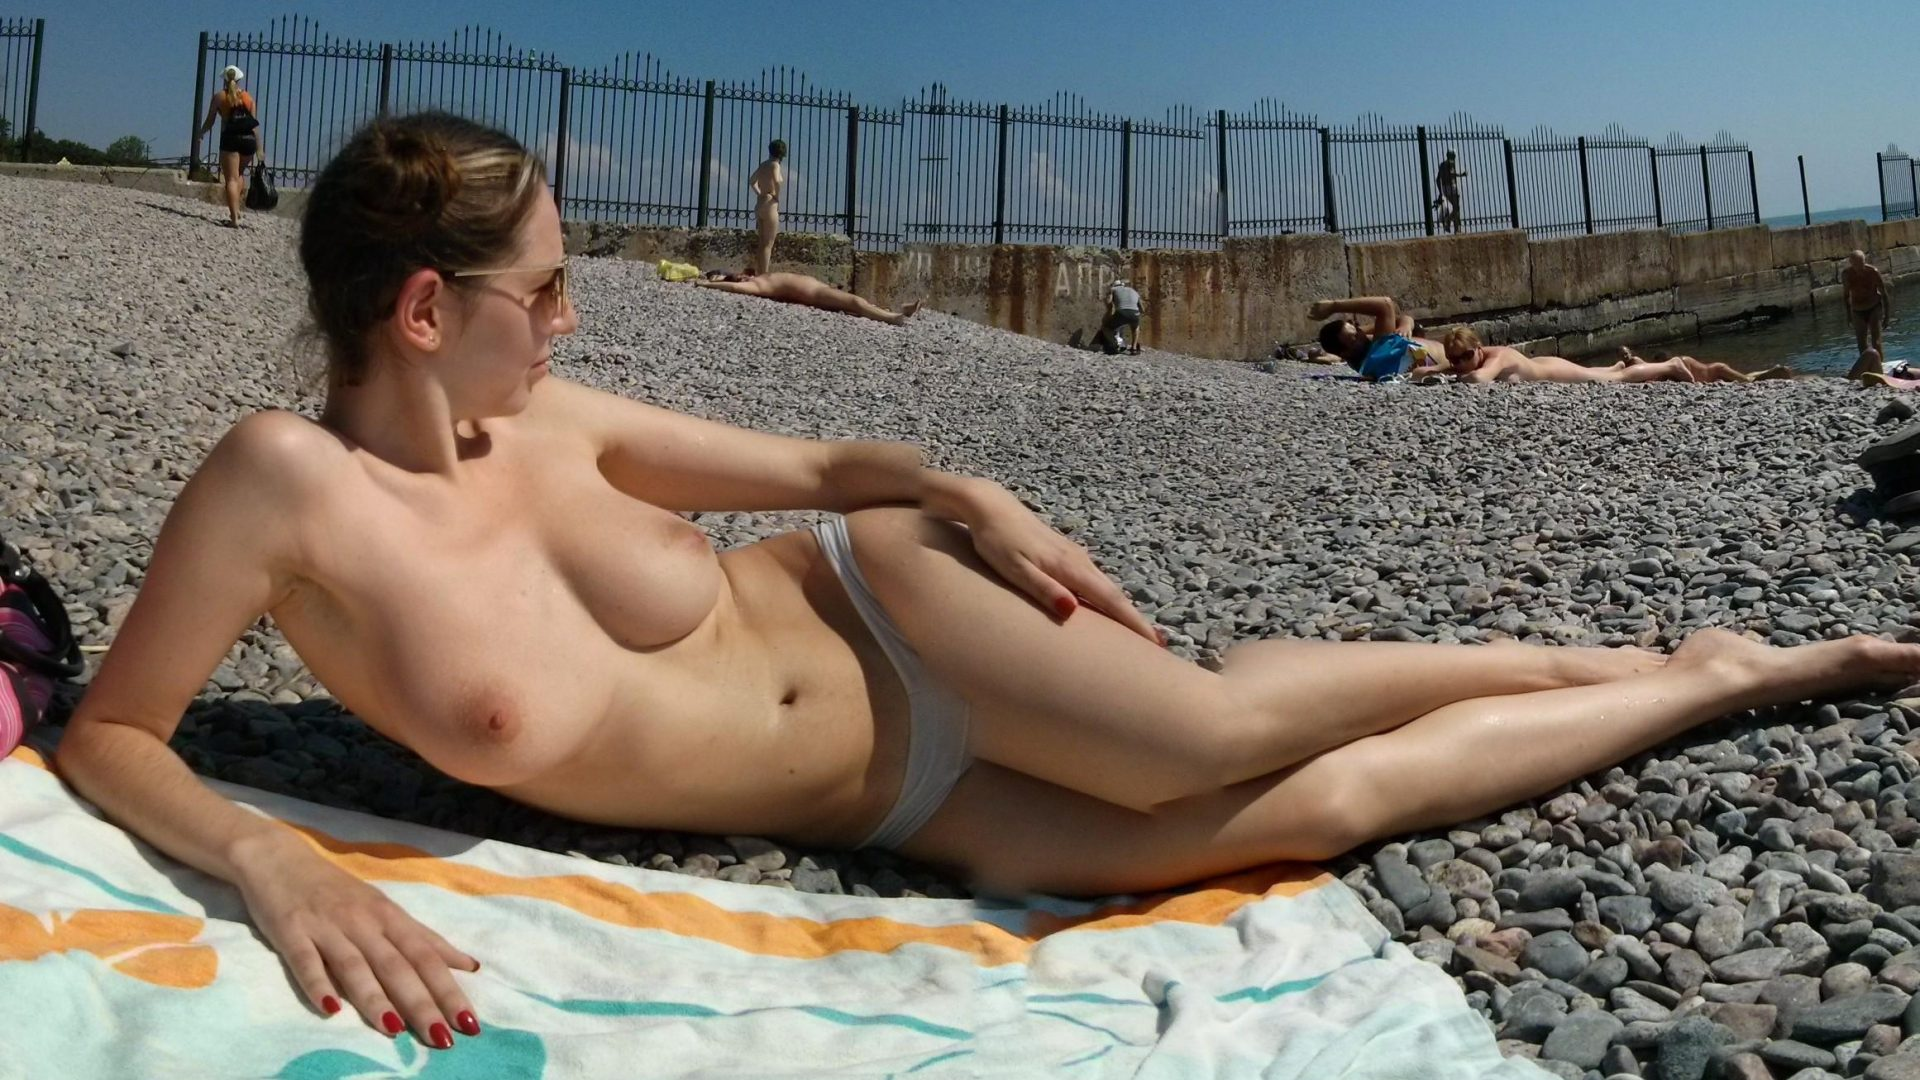 Nago amatorka opala cycki na plaży. Dziewczyna toples relaksuje się zażywając kąpieli słonecznej